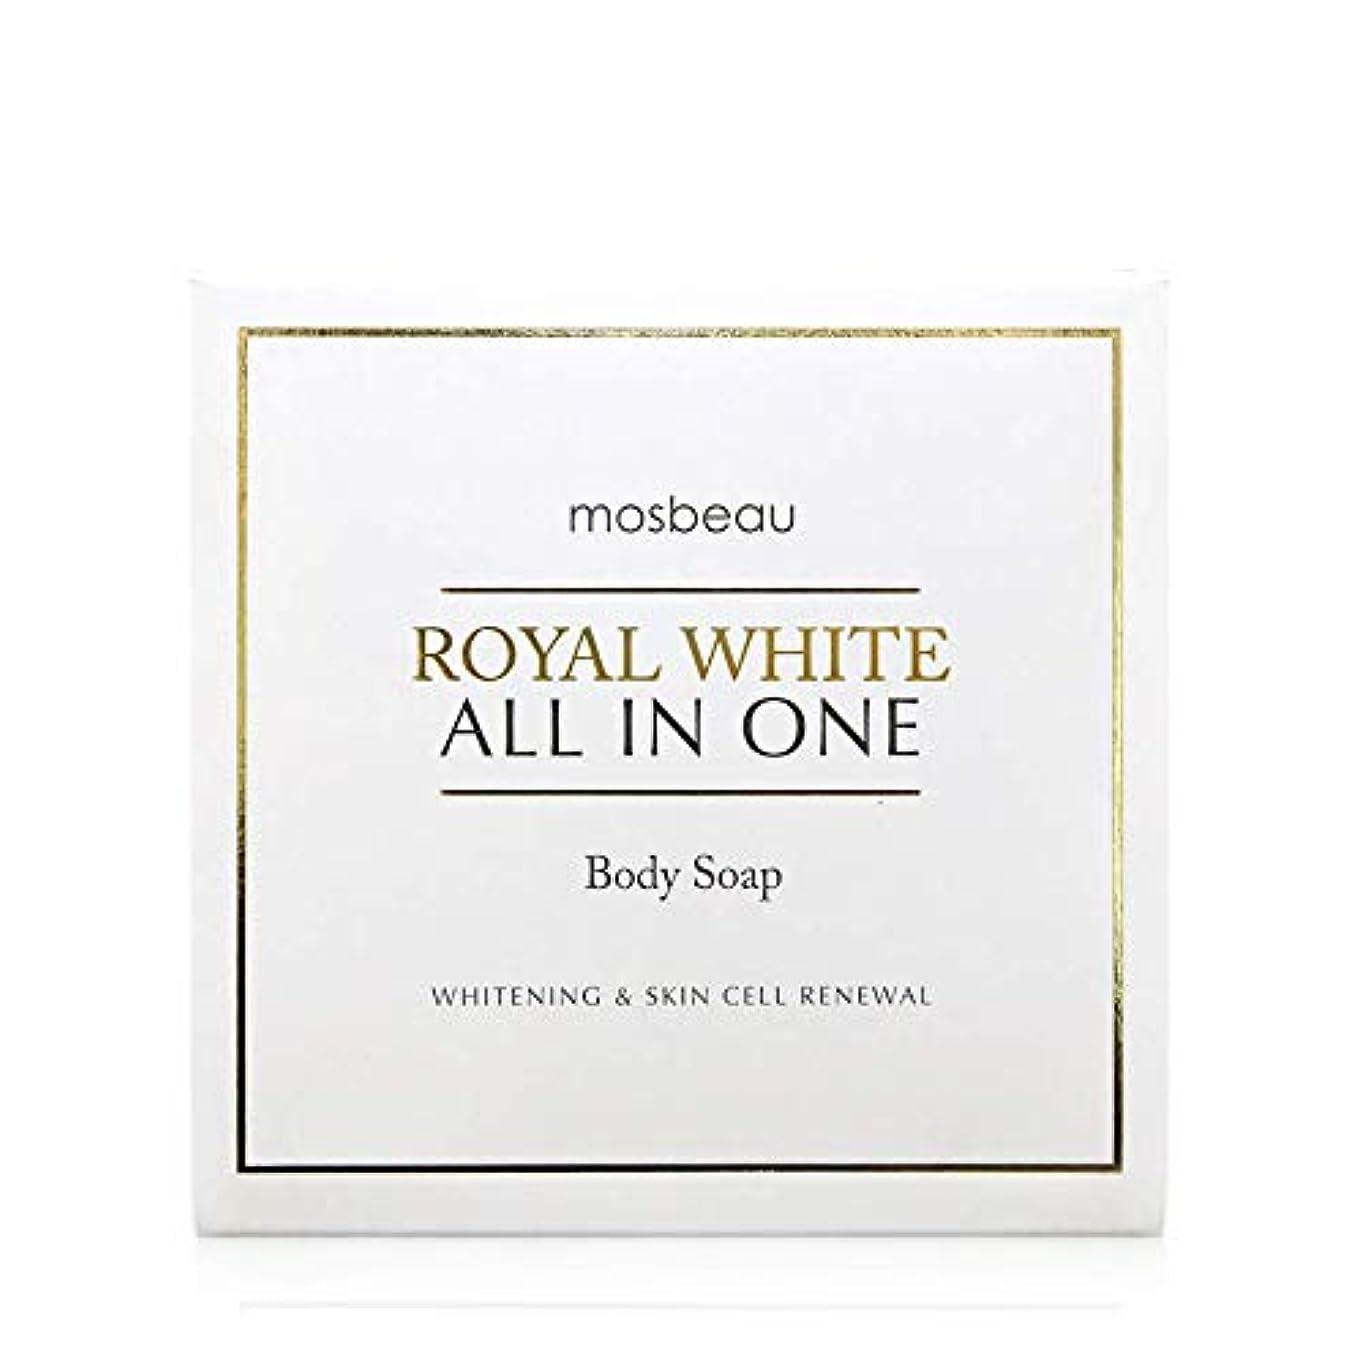 十分どちらも魅了するmosbeau ROYAL WHITE ALL-IN-ONE BODY SOAP 100g ロィヤルホワイトオールインワンボディーソープ